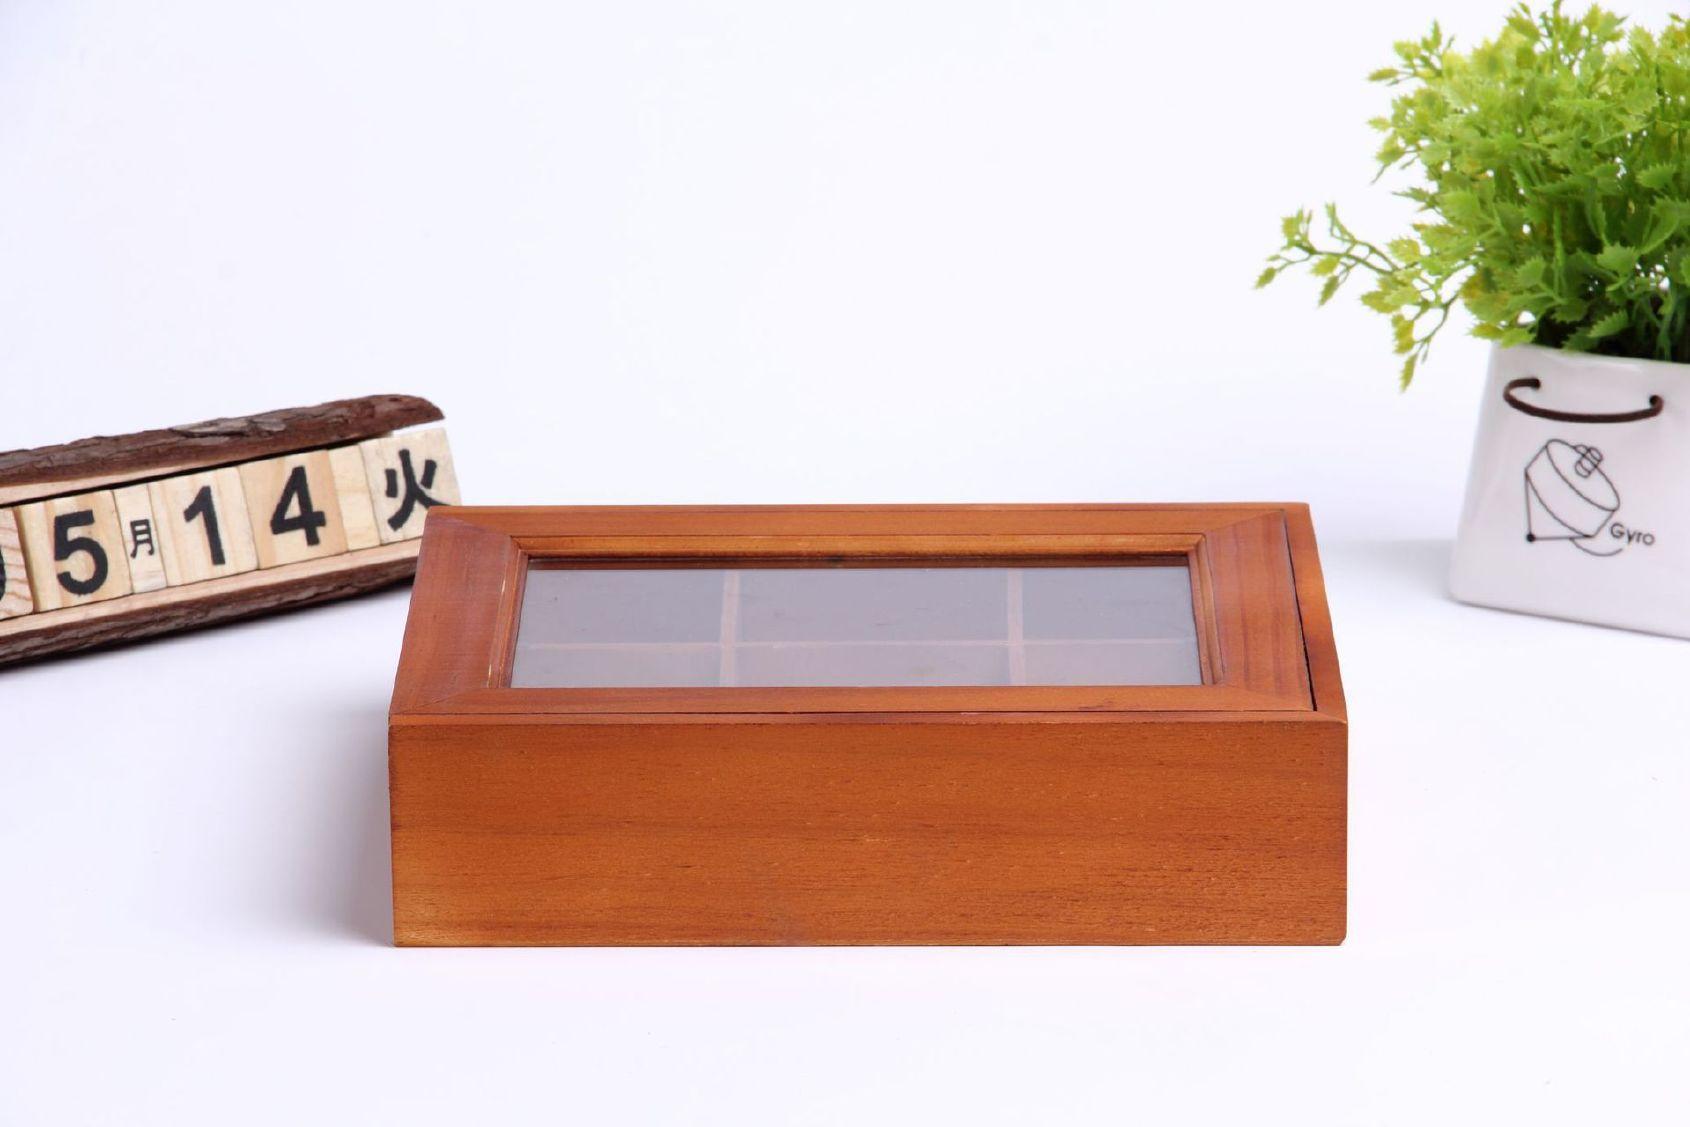 木质玻璃盖分格饰品盒 精美收纳盒饰品首饰桌面收纳木盒